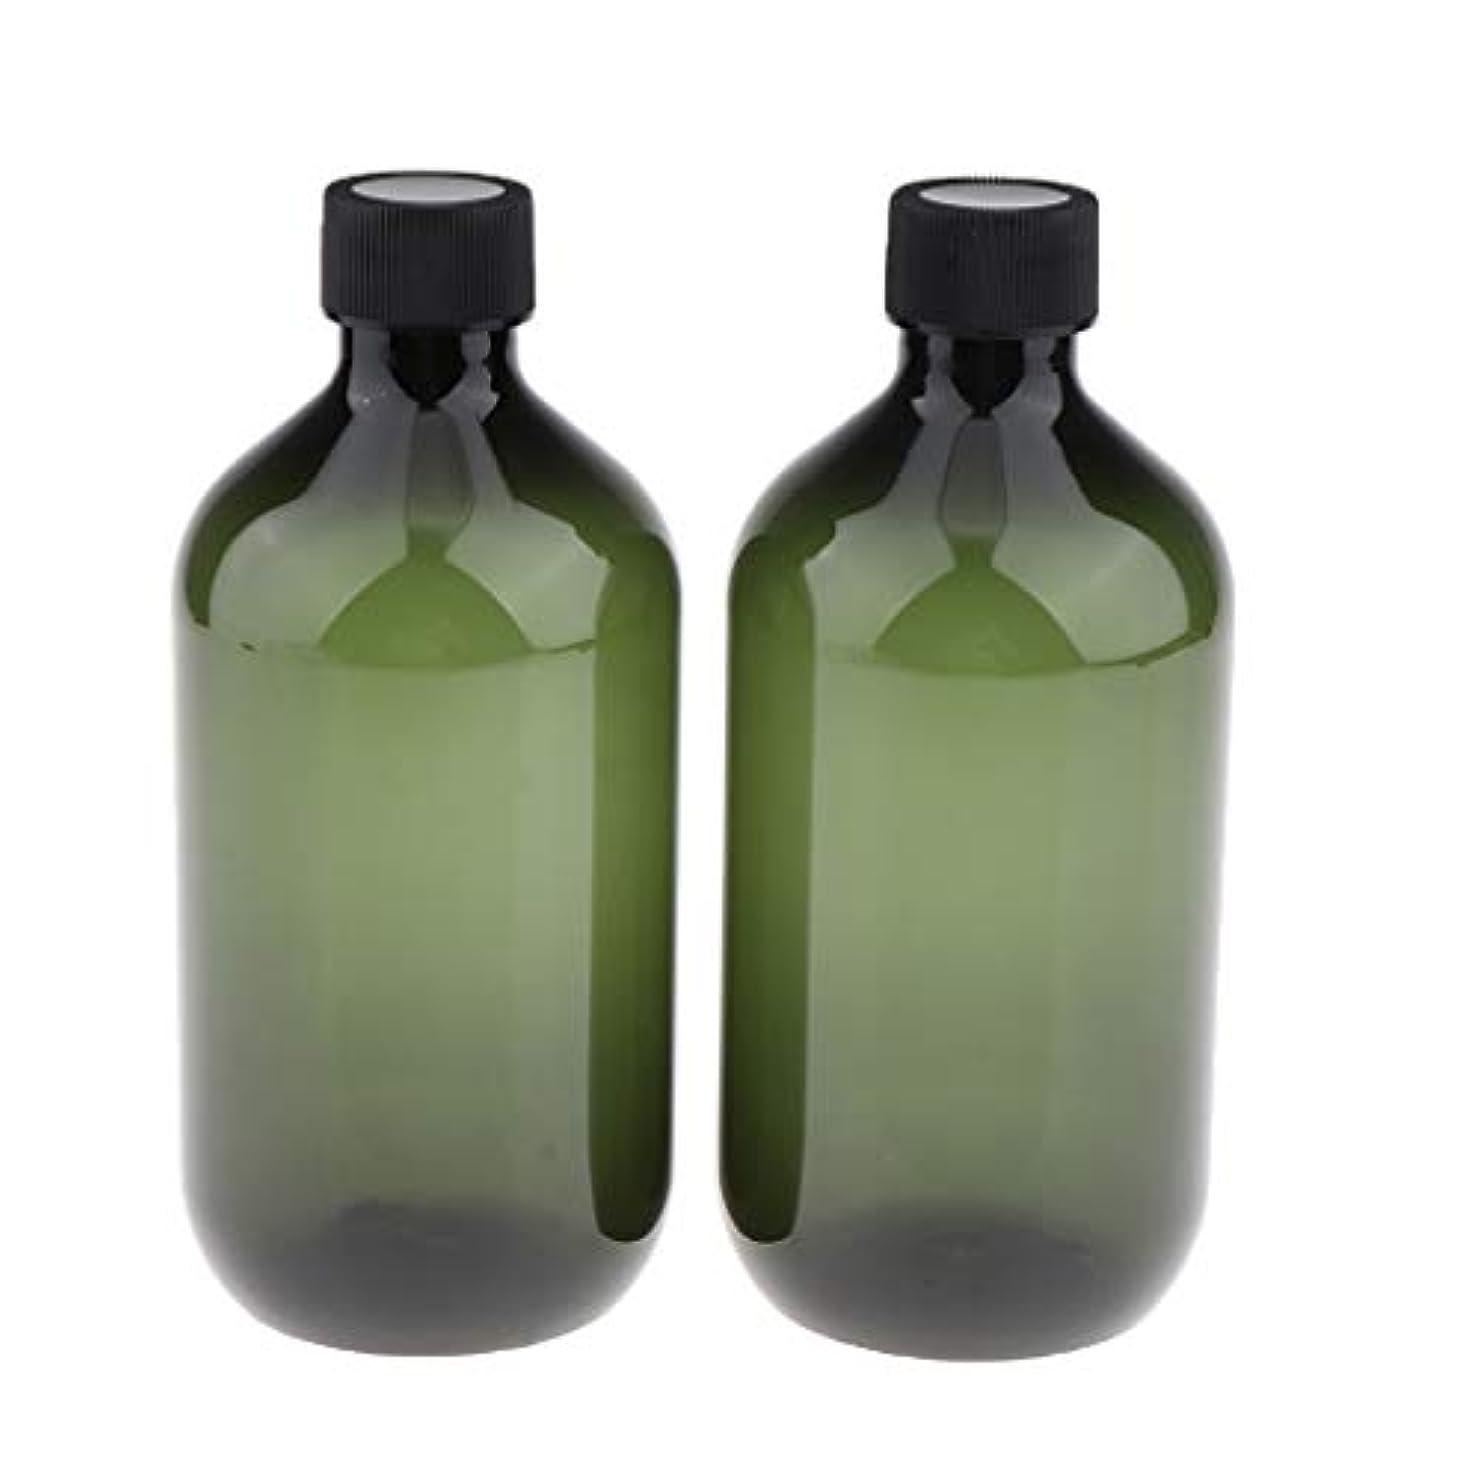 すき経験者予報ローションボトル シャンプーボトル 遮光瓶 空ボトル 遮光ボトル UV保護 500ml 全2色 - ピクルスグリーン